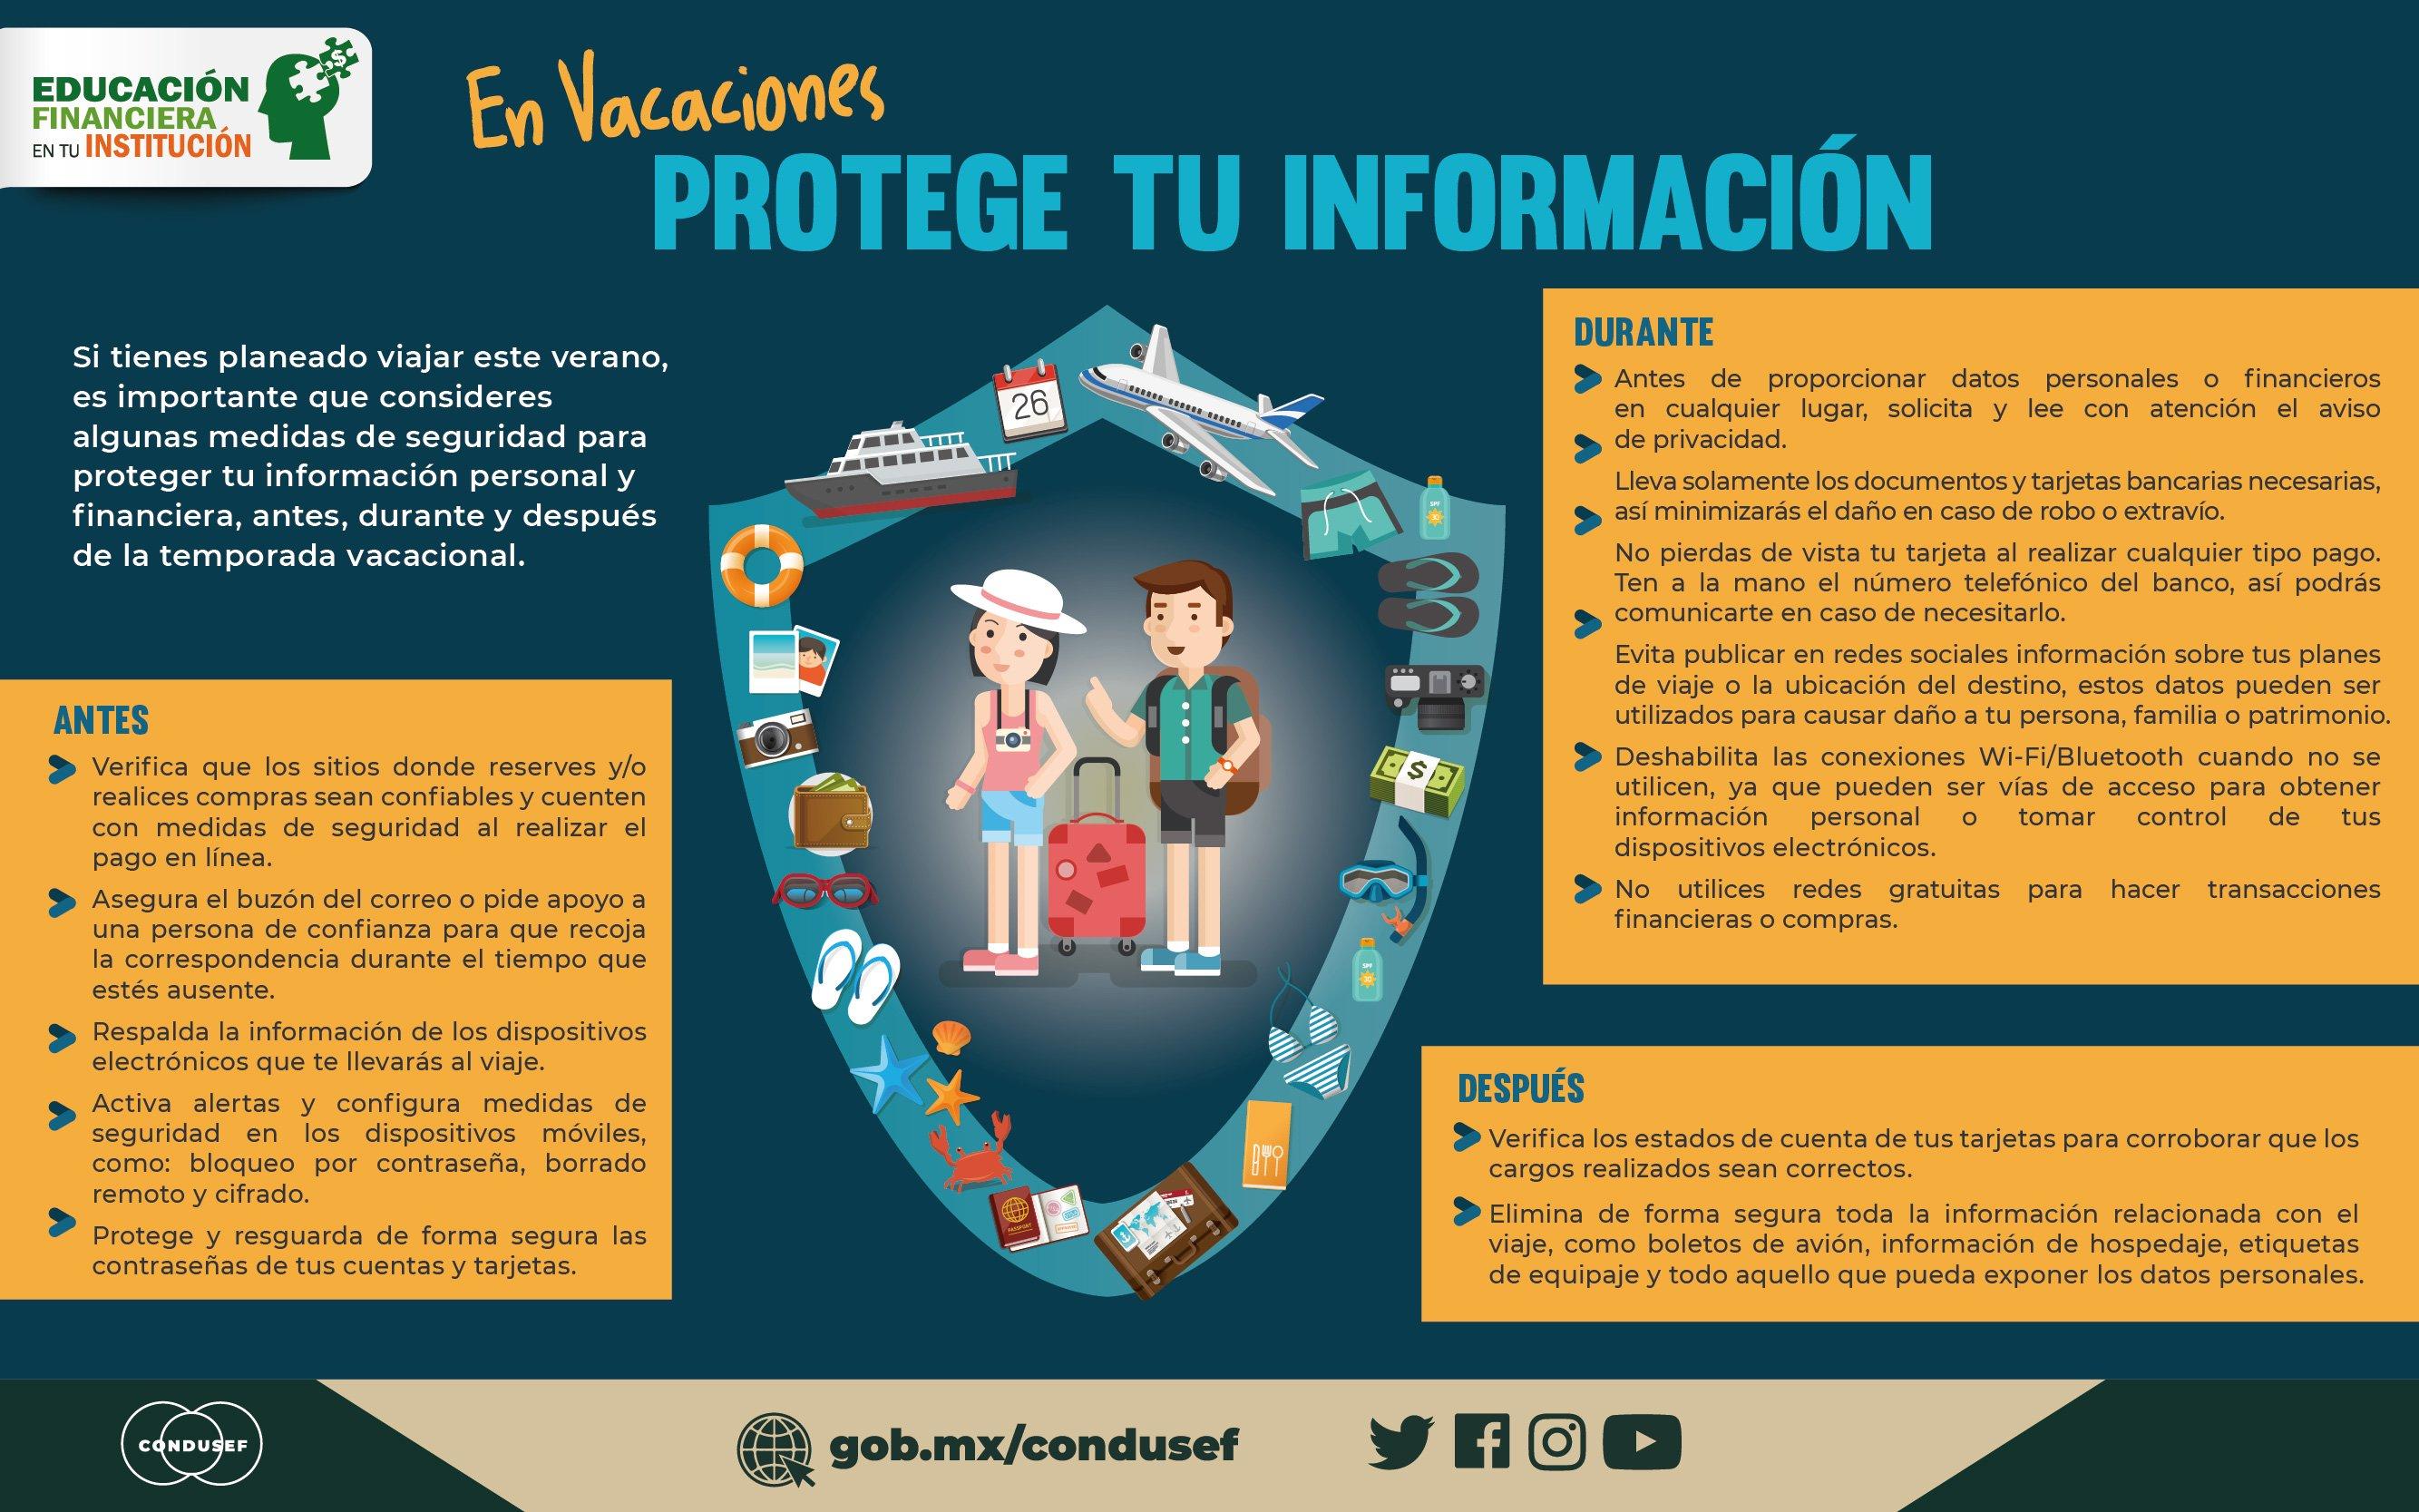 En vacaciones protege tu información